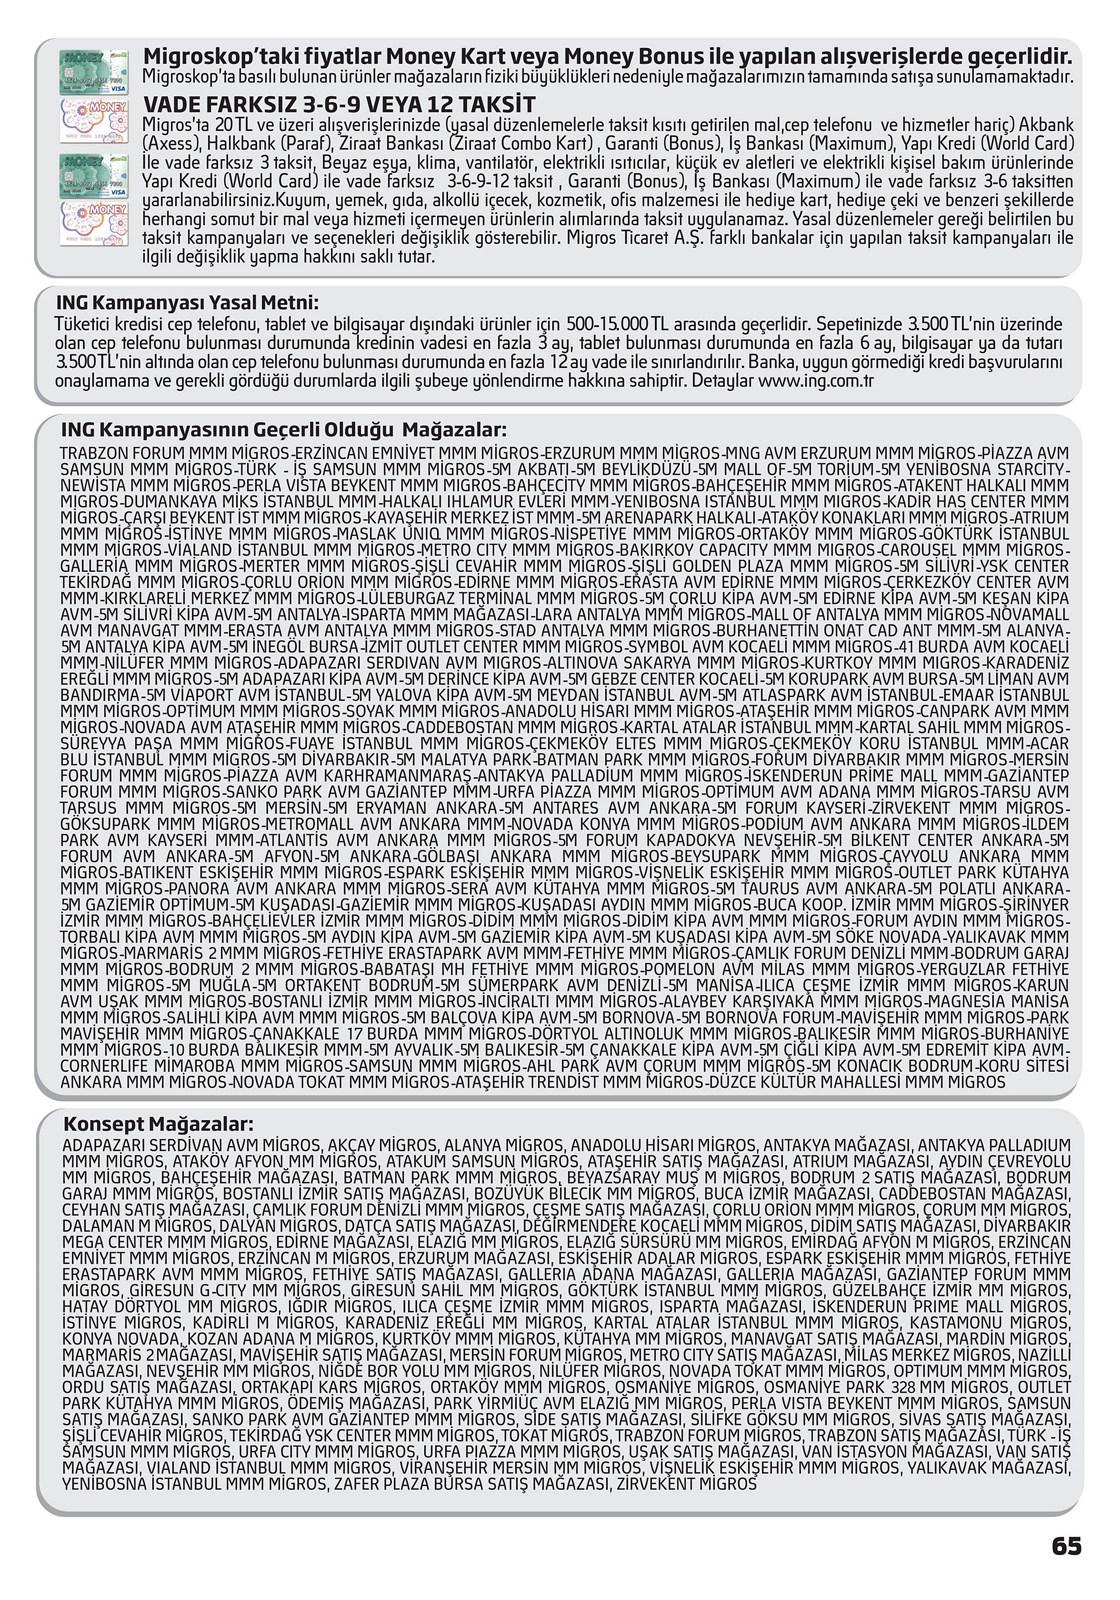 03.06.2021 Migros broşürü 65. sayfa